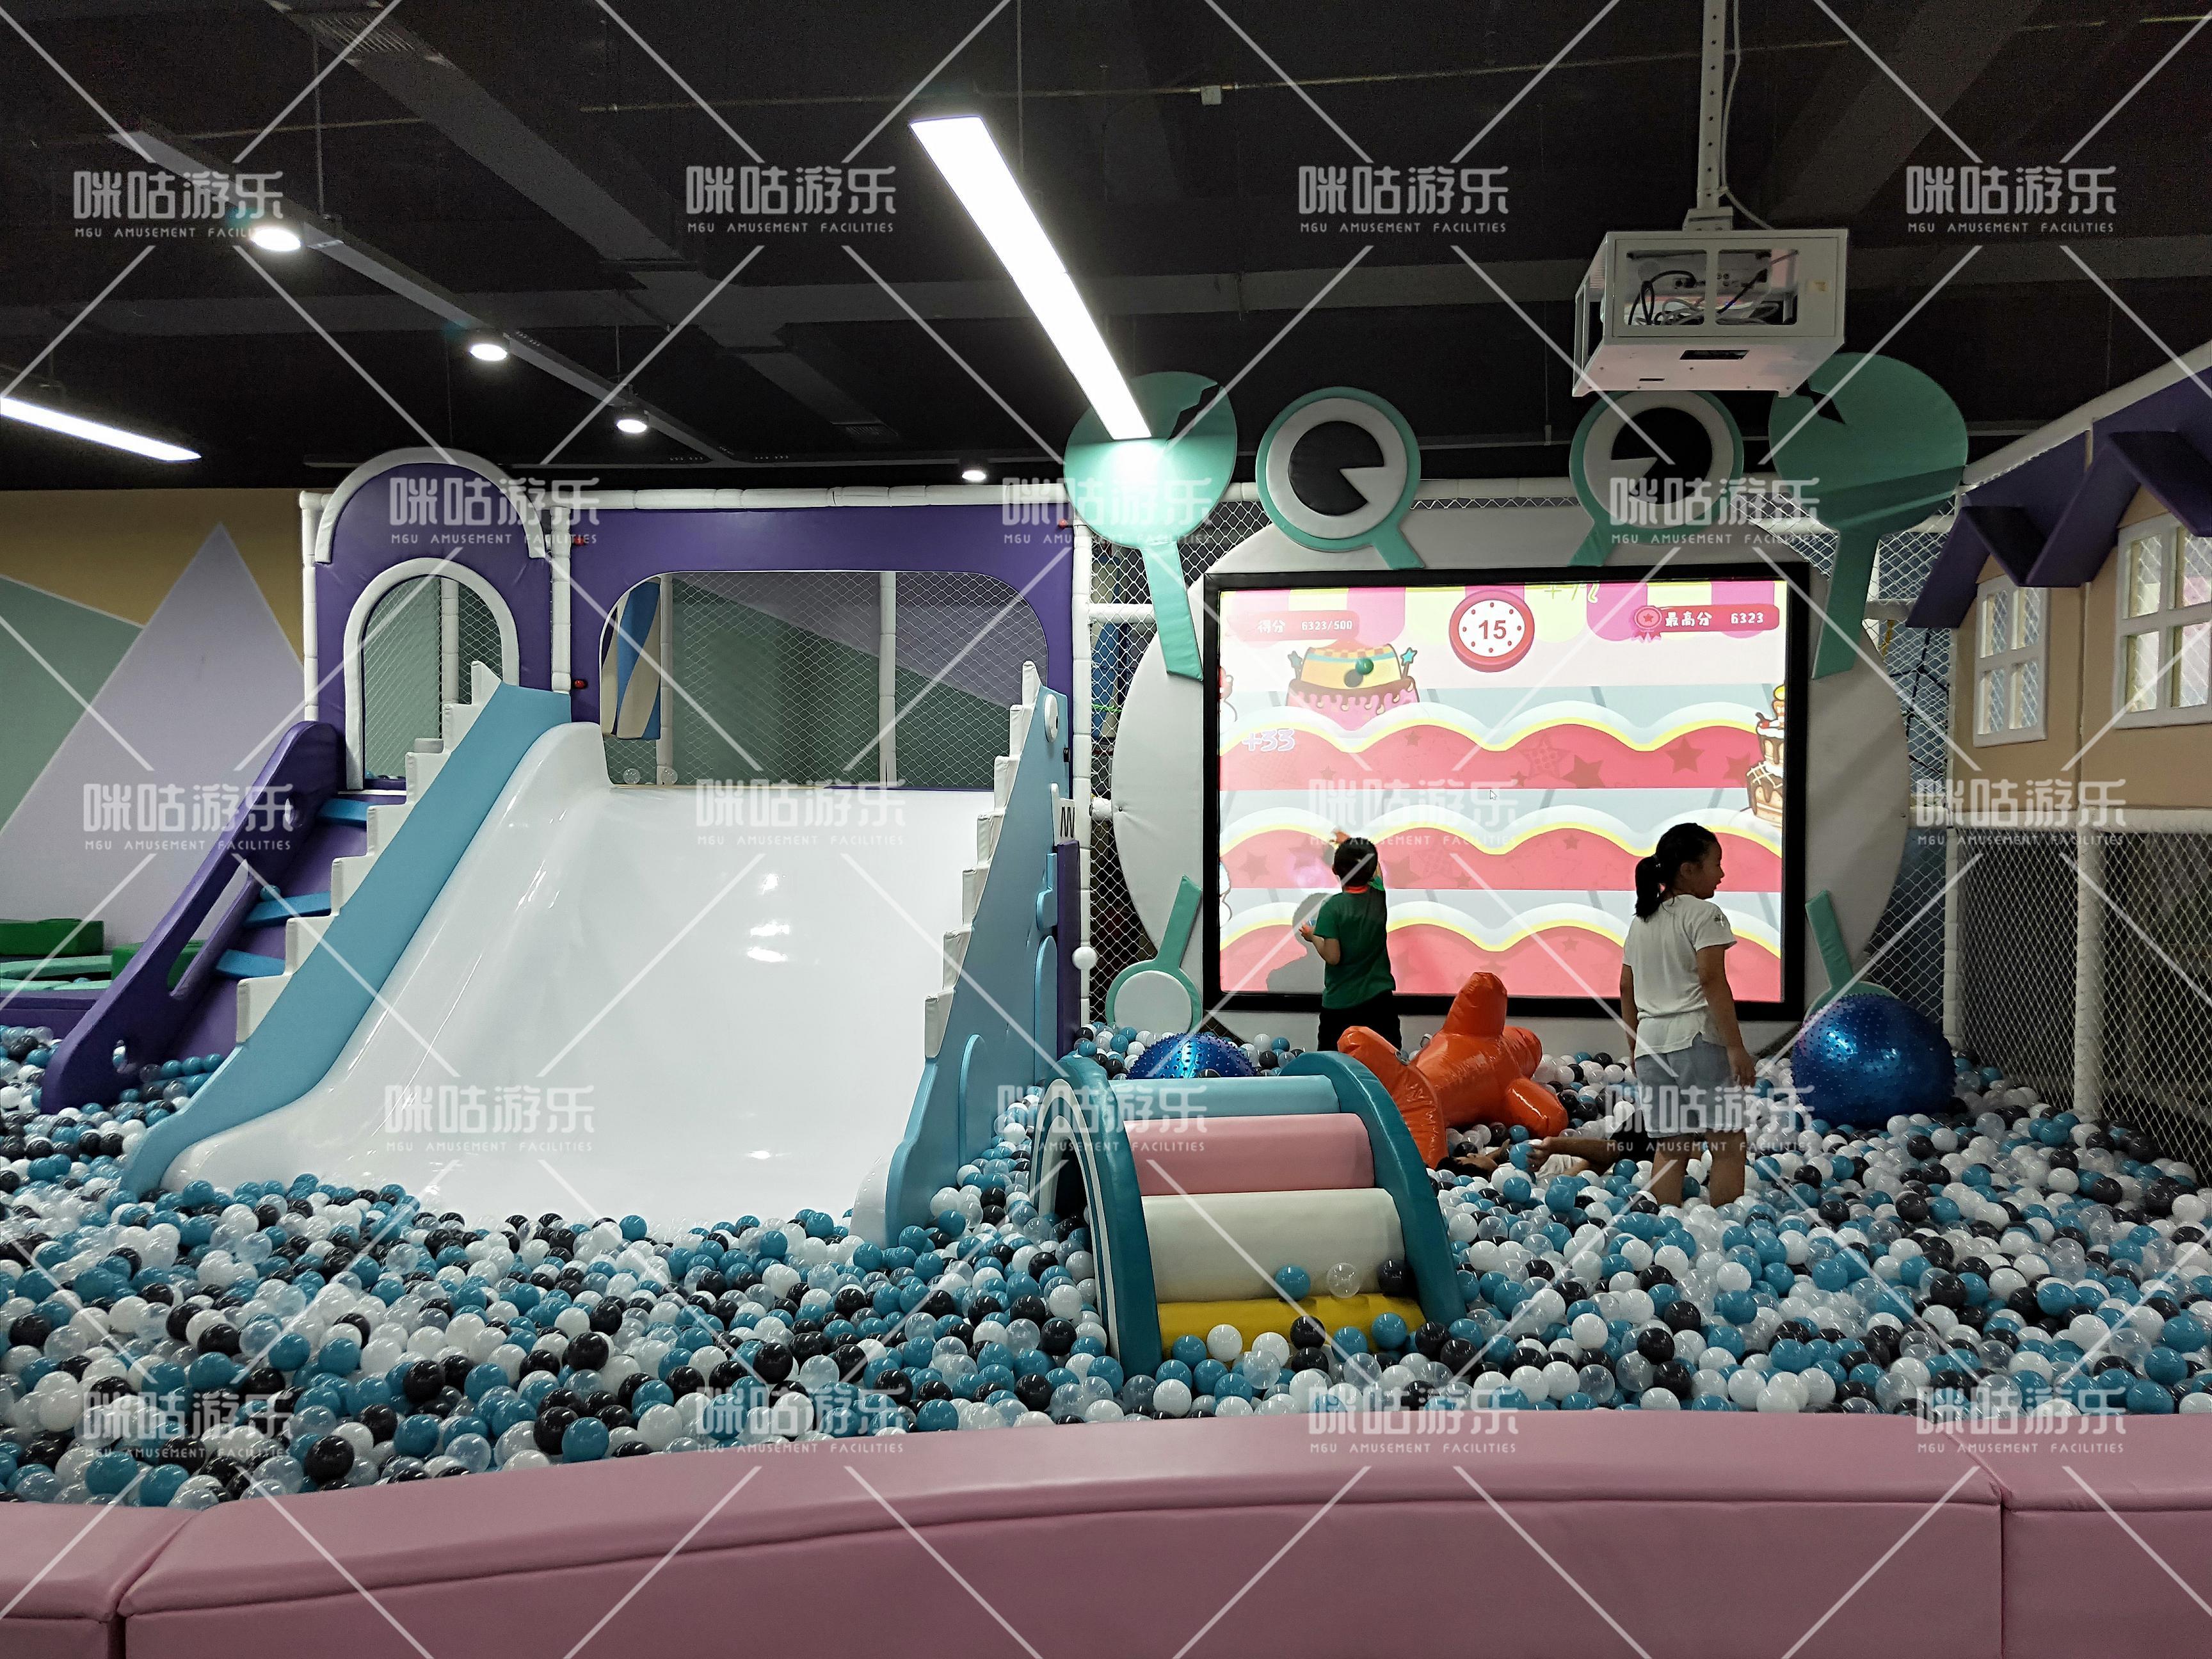 微信图片_20200429155852.jpg 10万元可以开儿童乐园吗? 加盟资讯 游乐设备第2张